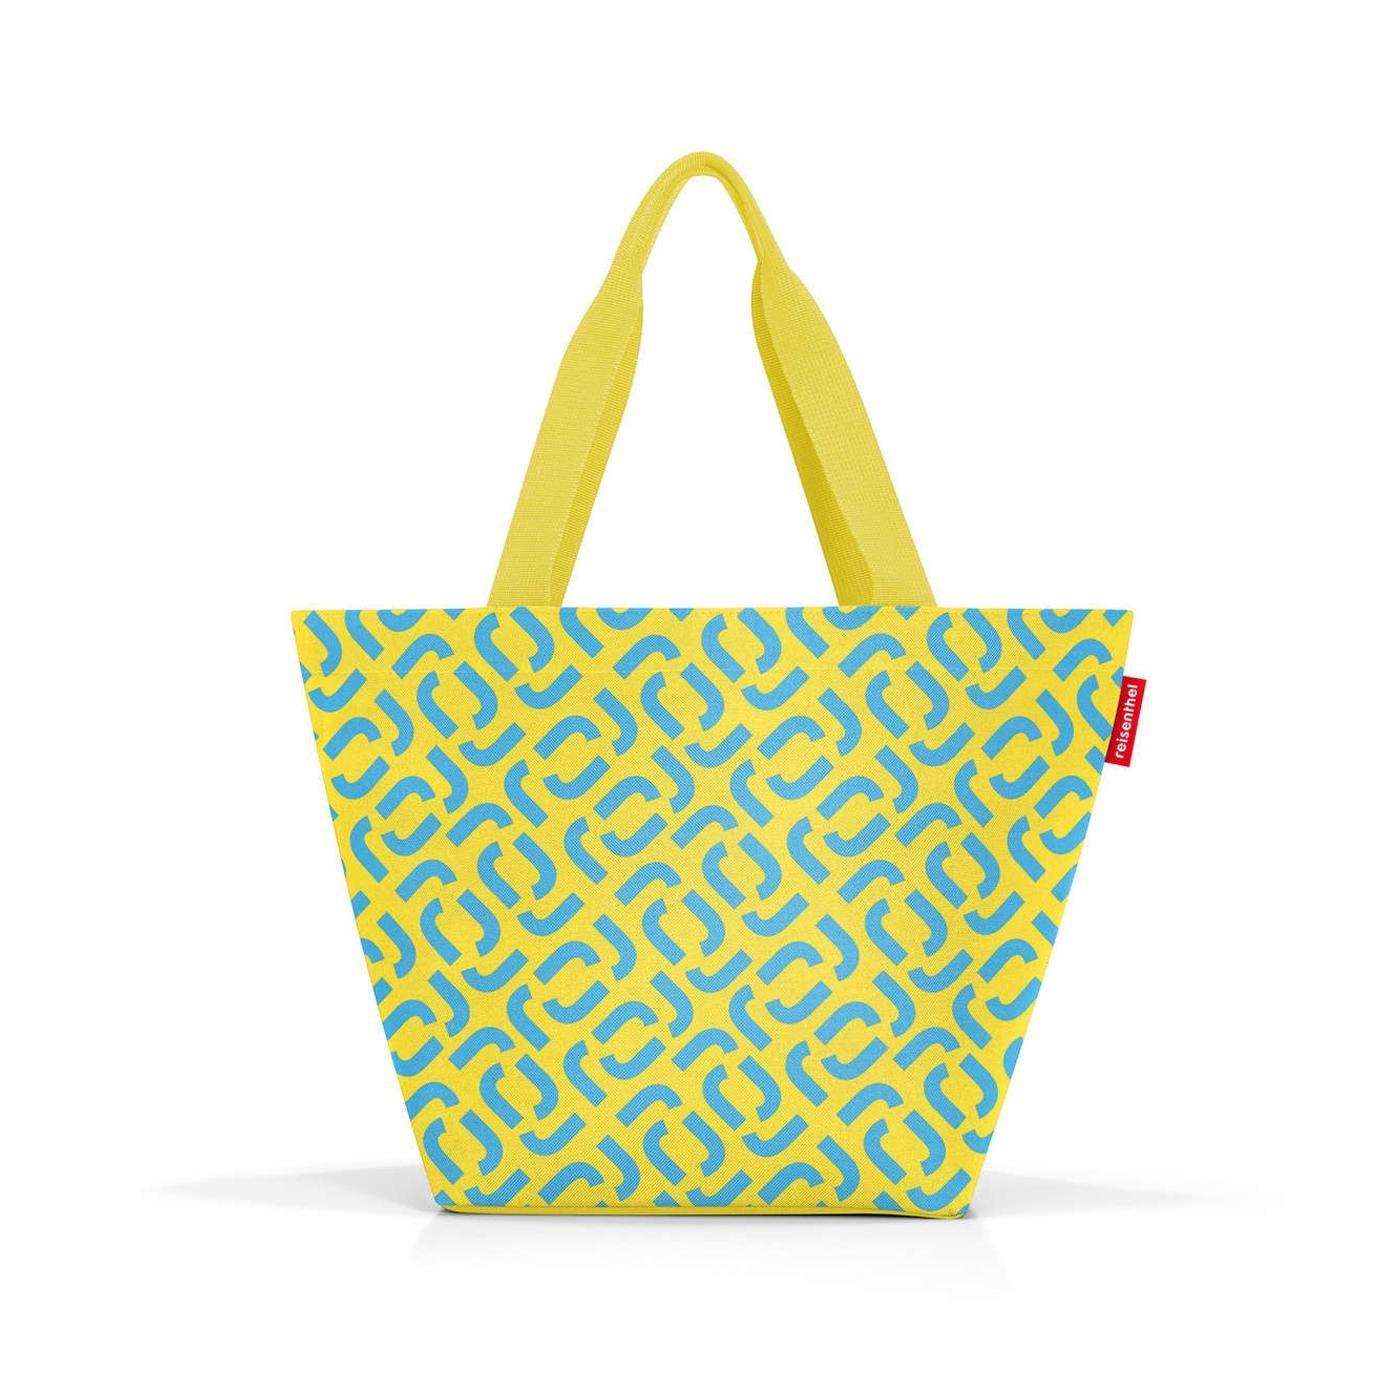 Nákupní taška Shopper M signature lemon_1